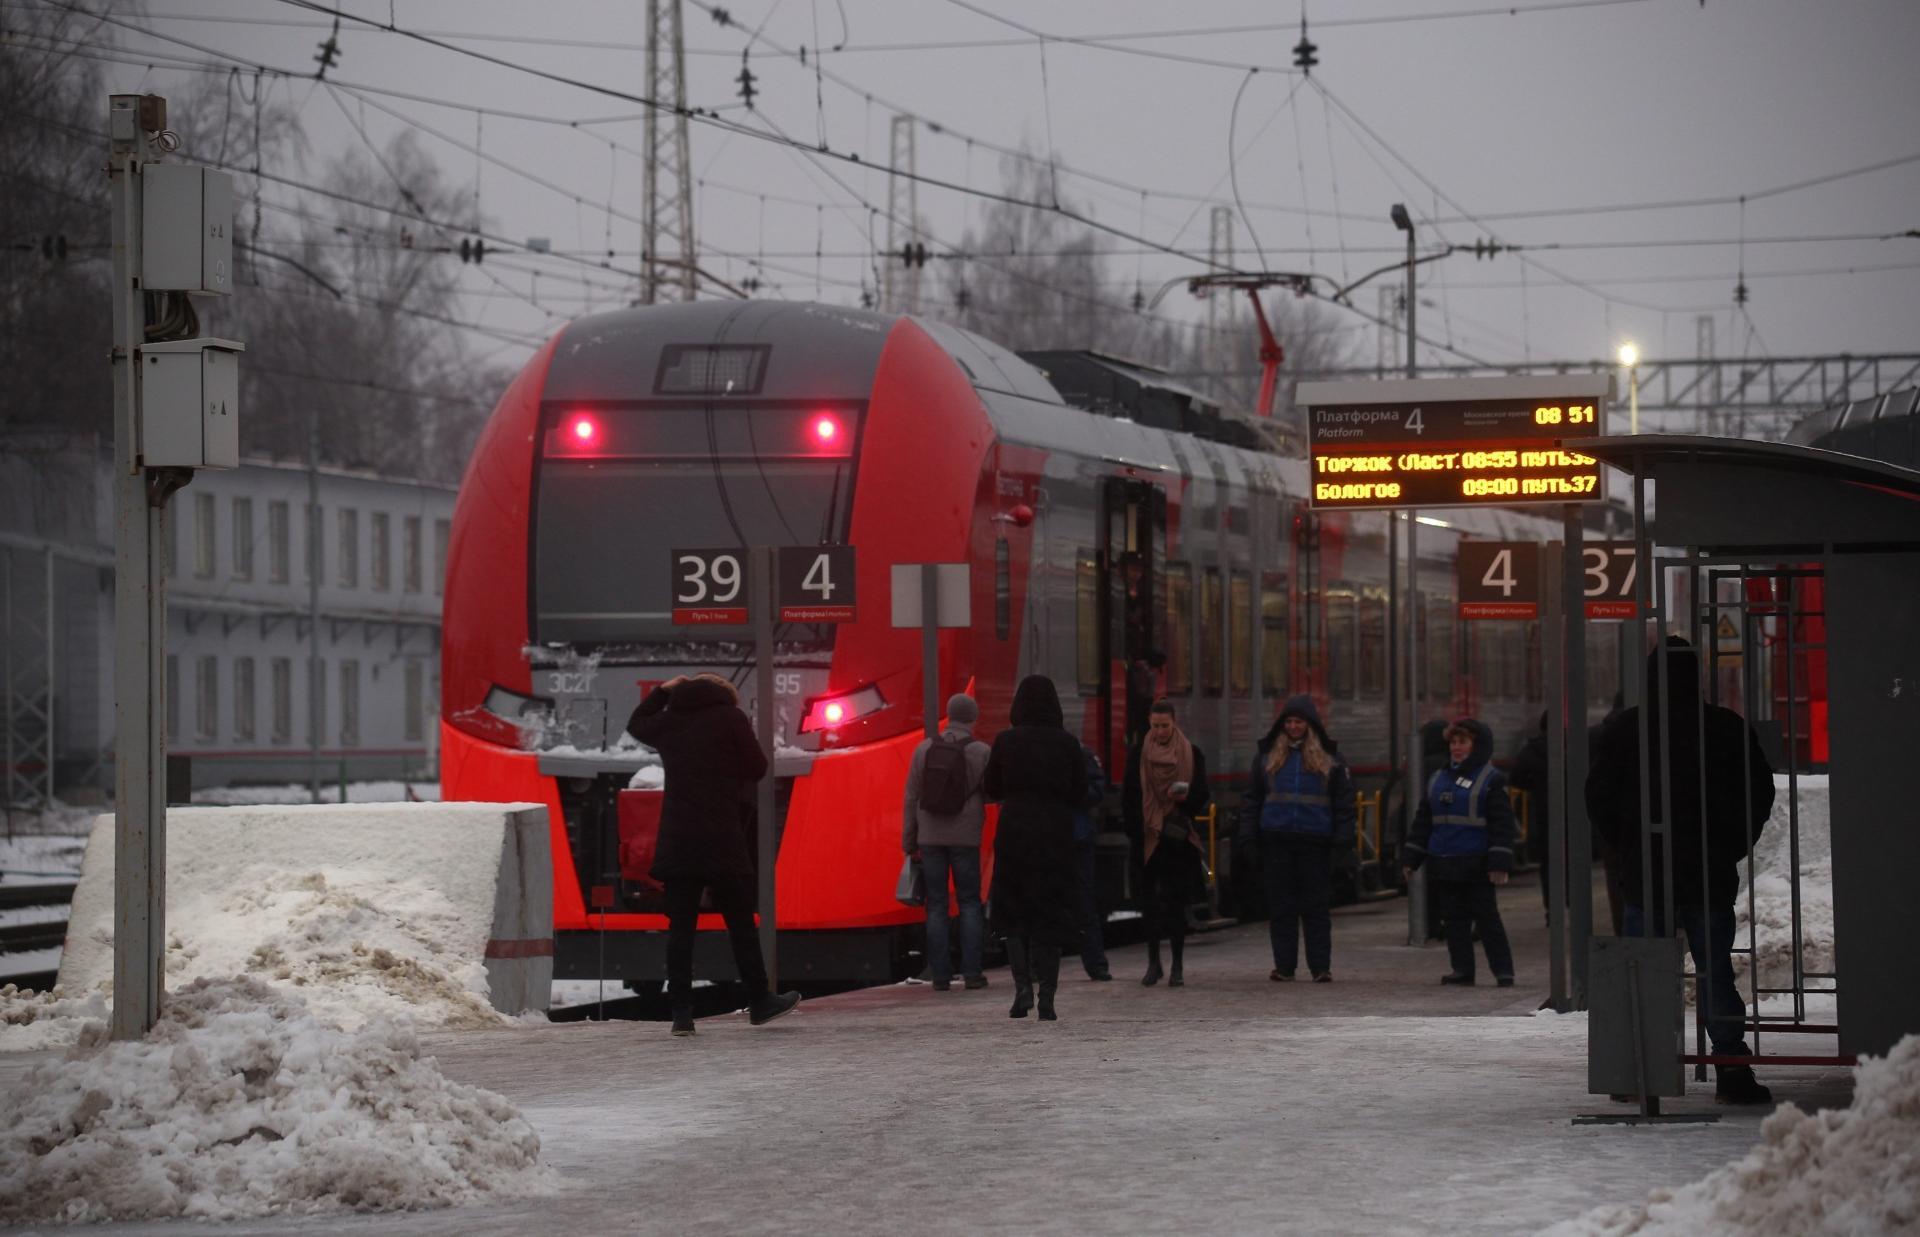 Жители Бежецка Тверской области негодуют после информации о закрытии железнодорожных касс - новости Афанасий